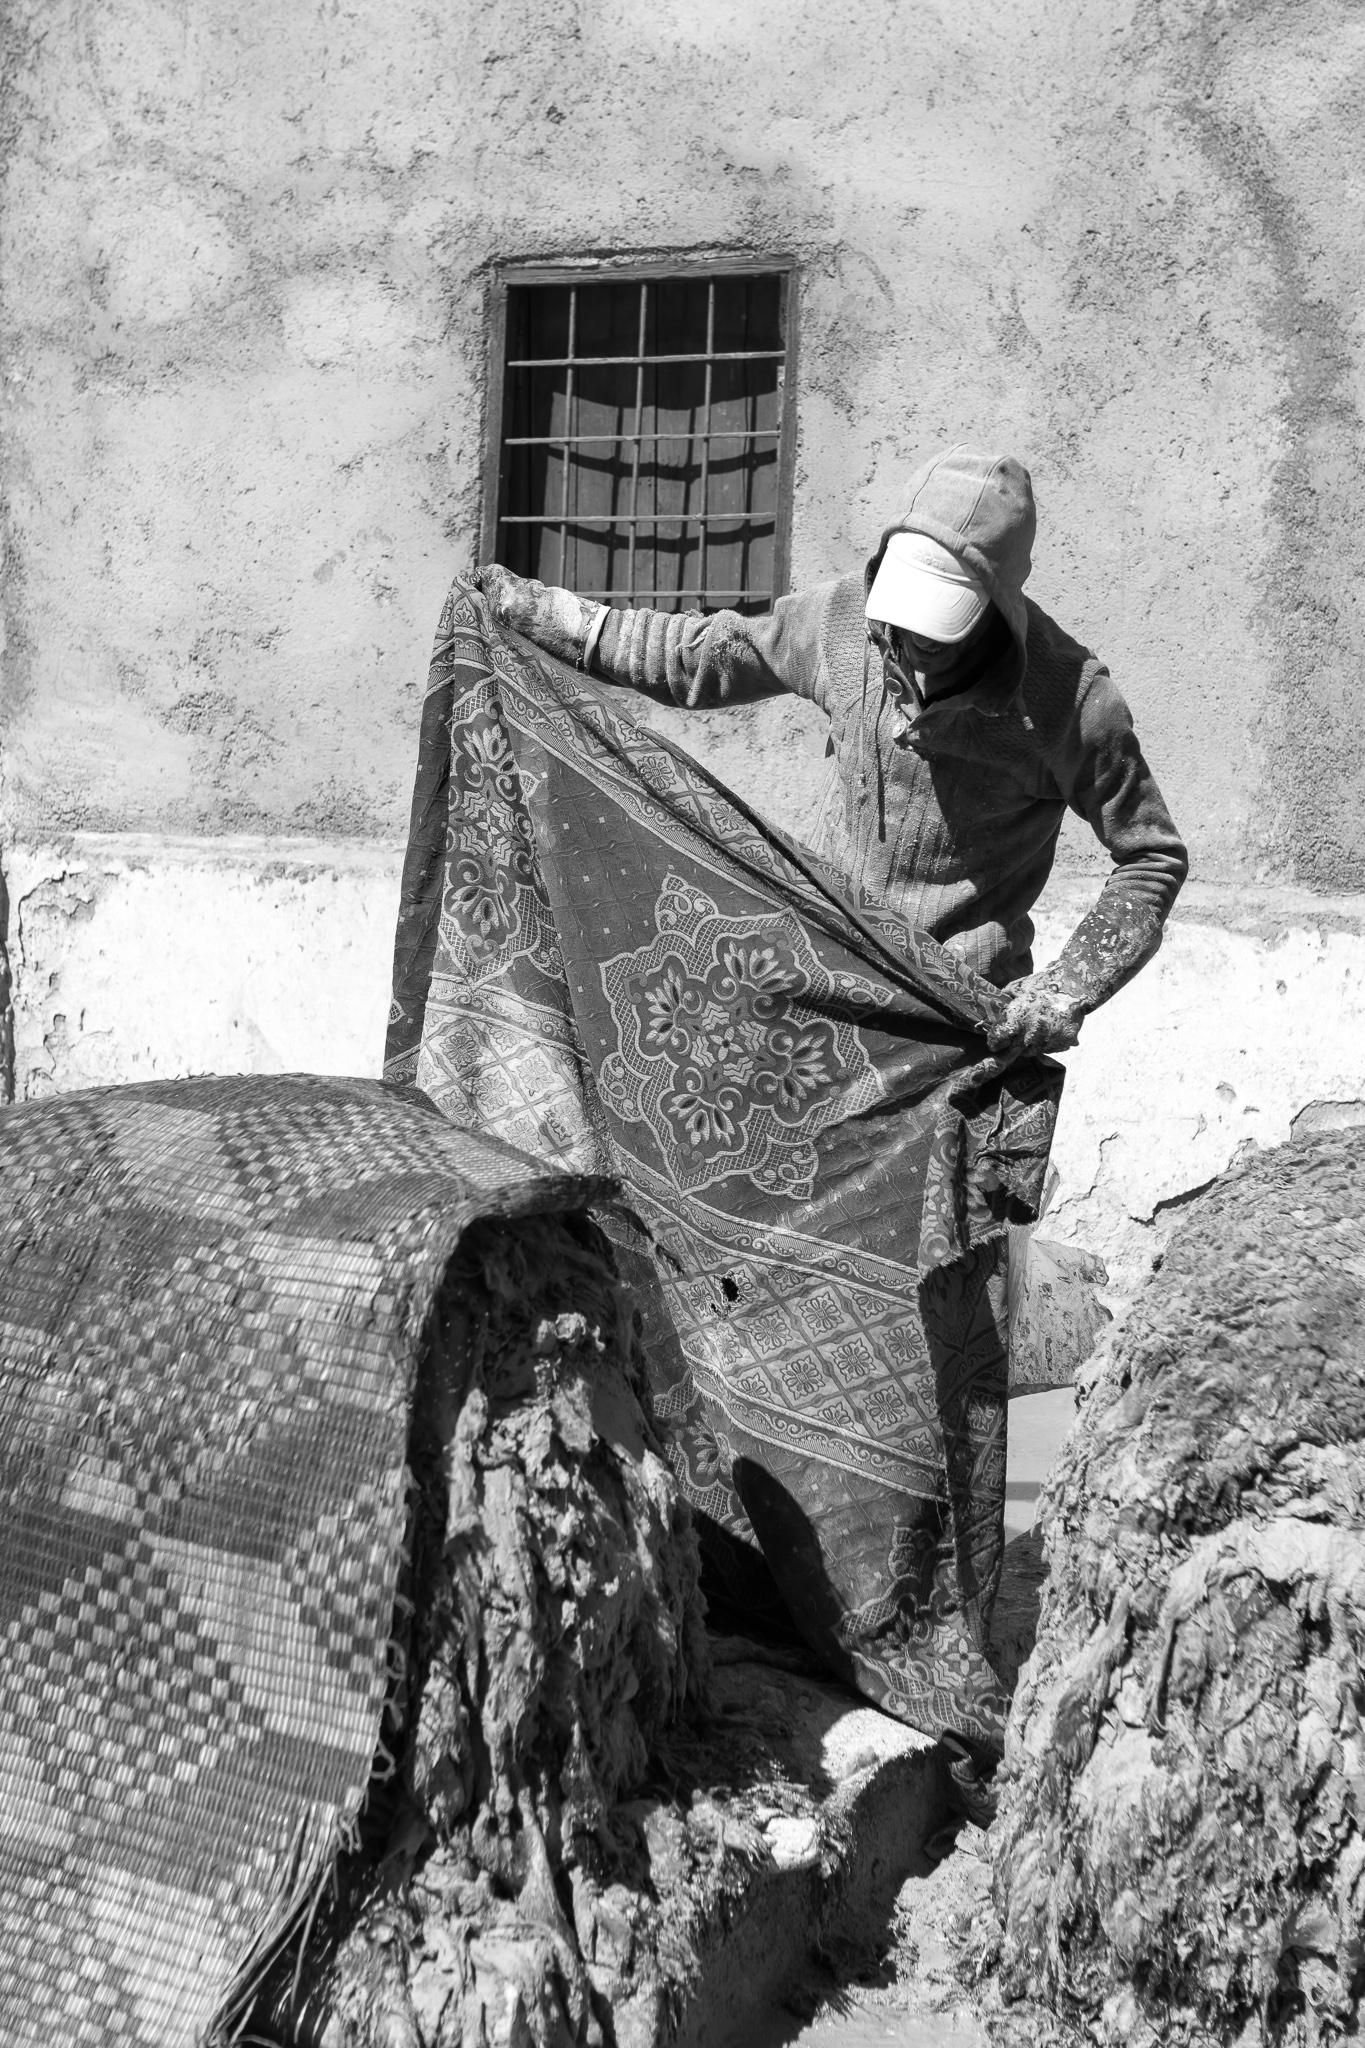 Situado cara ao norte da medina de Marrakech atópase o barrio dos curtidores, onde se leva a cabo o tratamento das diferentes peles (vaca, cabra, ovella ou camelo) para o seu mercado. <br>Utilízanse os métodos máis tradicionais para o tratamento do coiro, como cal e excrementos de pomba. <br>Os curtidores non utilizan métodos modernos e seguen procedementos con moitos anos de antigüidade, mantendo así unha tradicion ancestral.